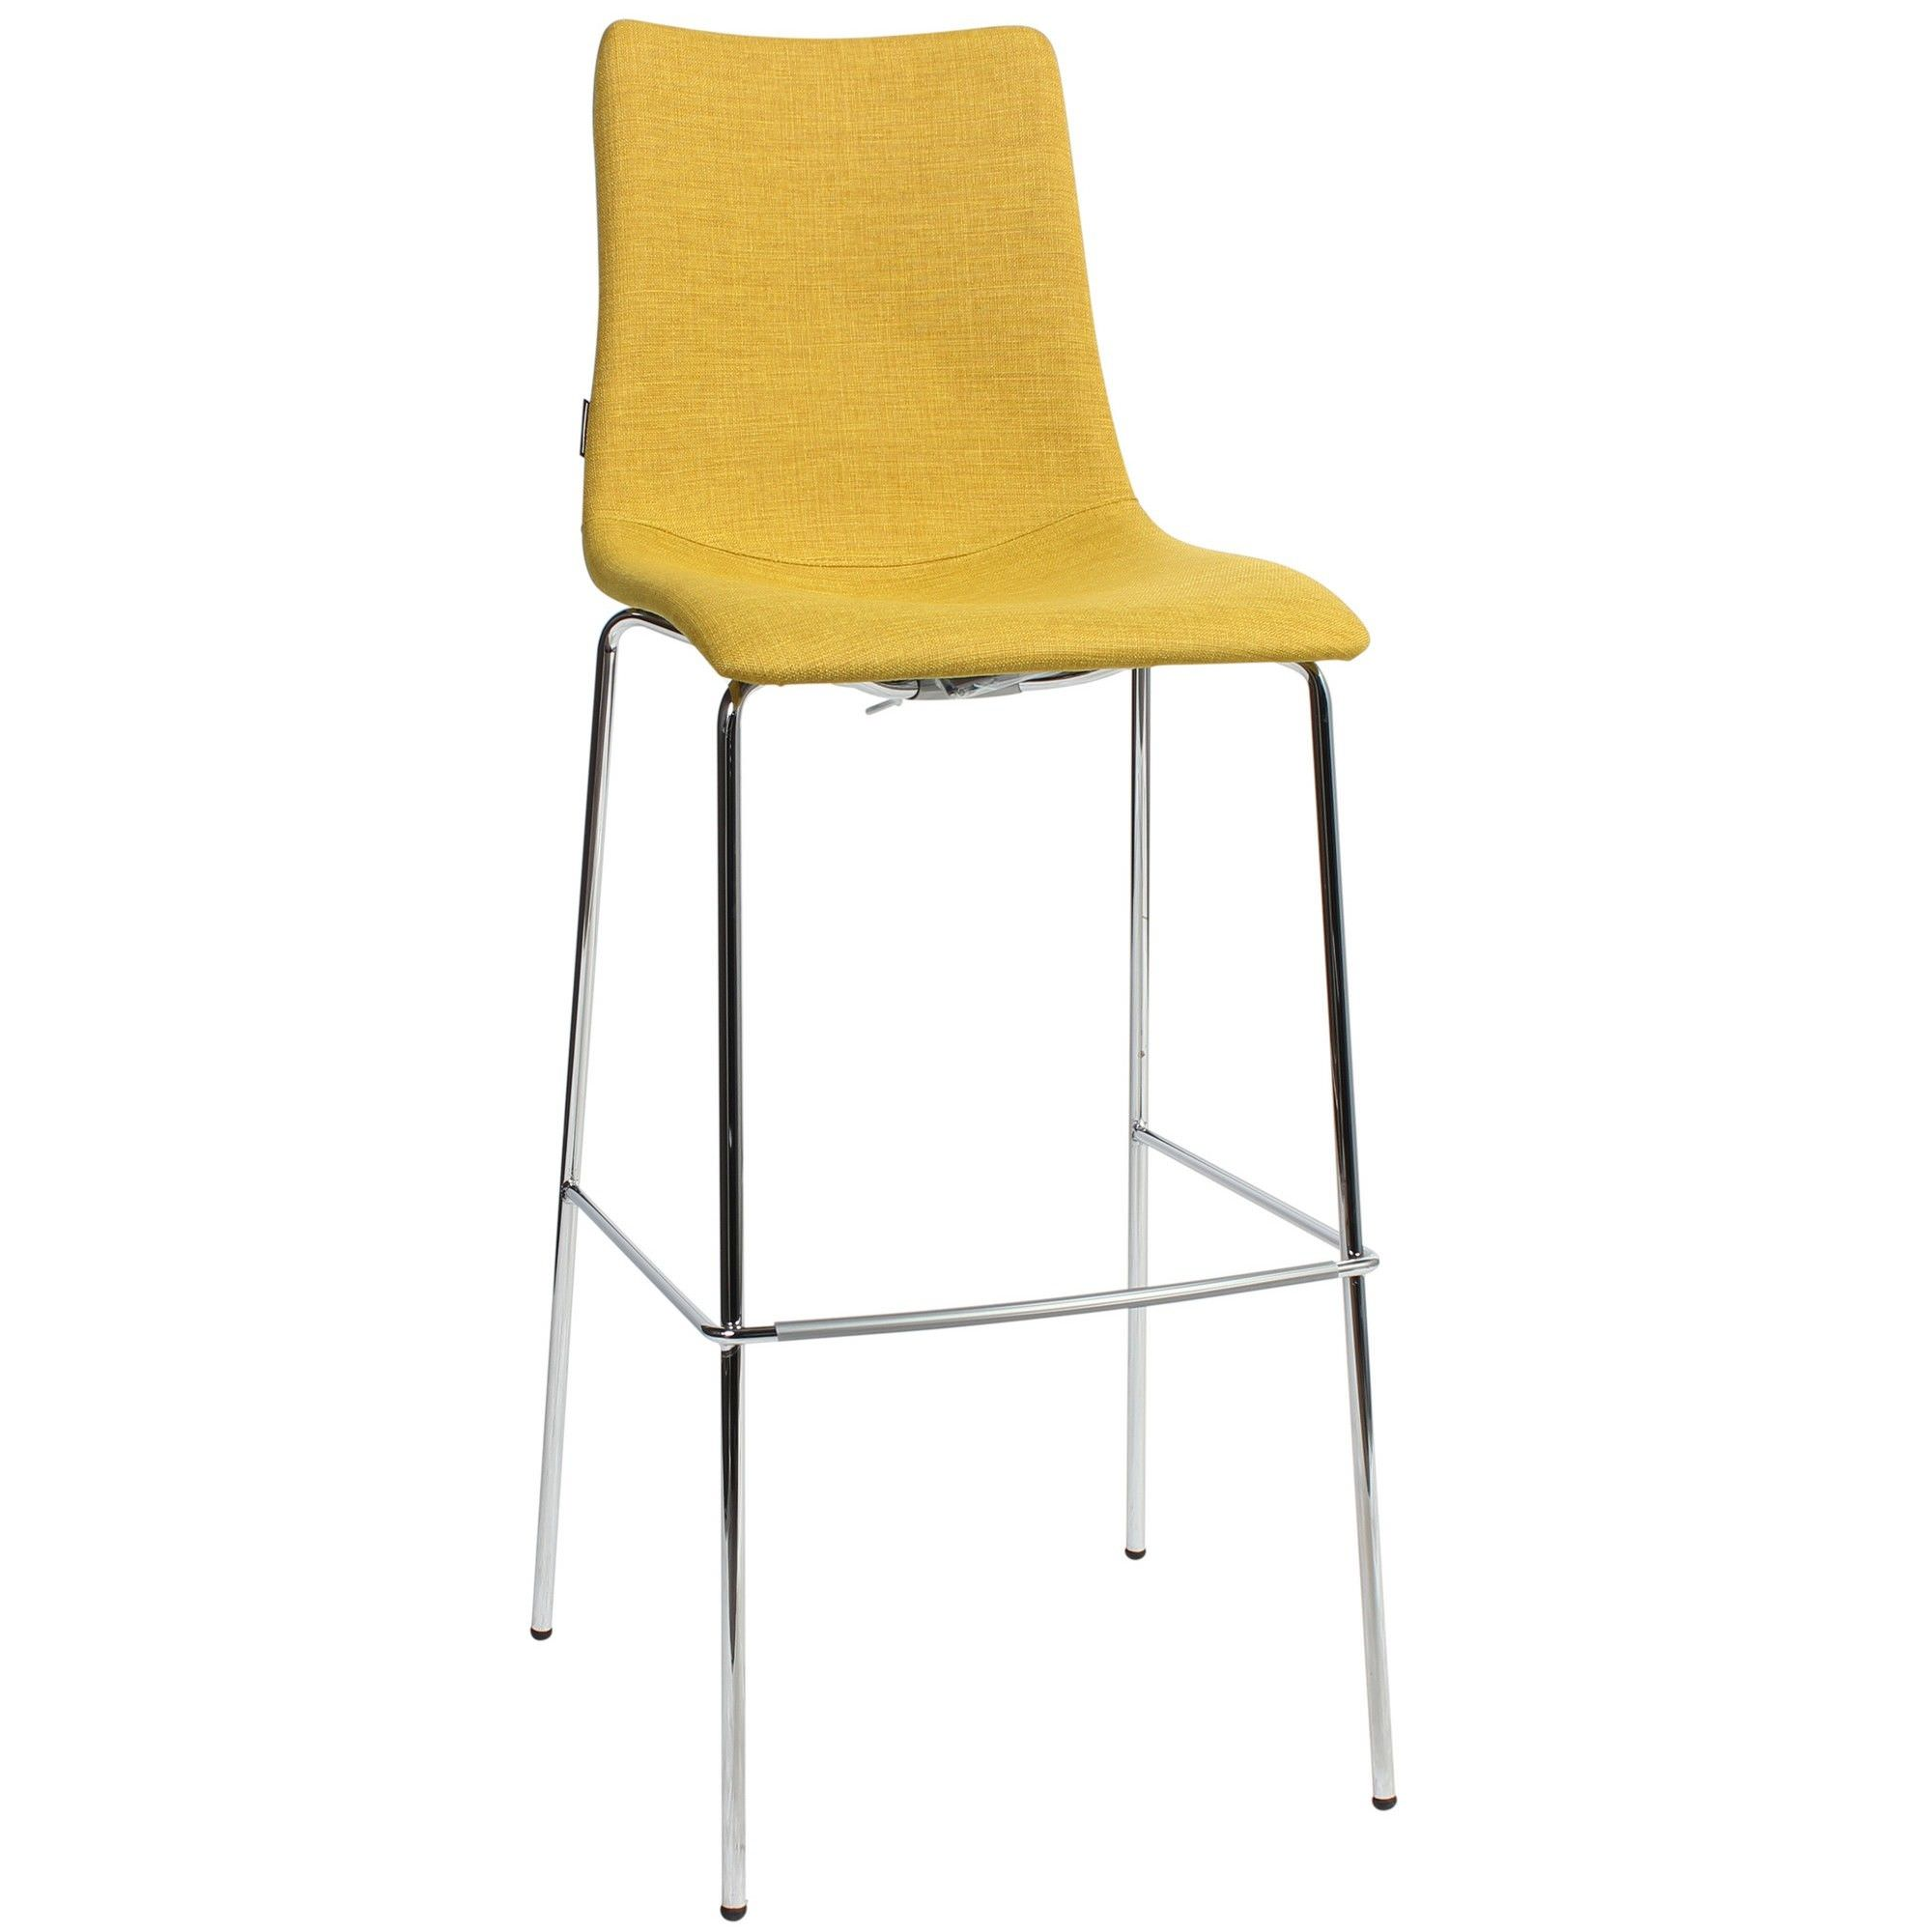 Zebra Pop Italian Made Commercial Grade Fabric Bar Stool, Metal Leg, Saffron / Chrome